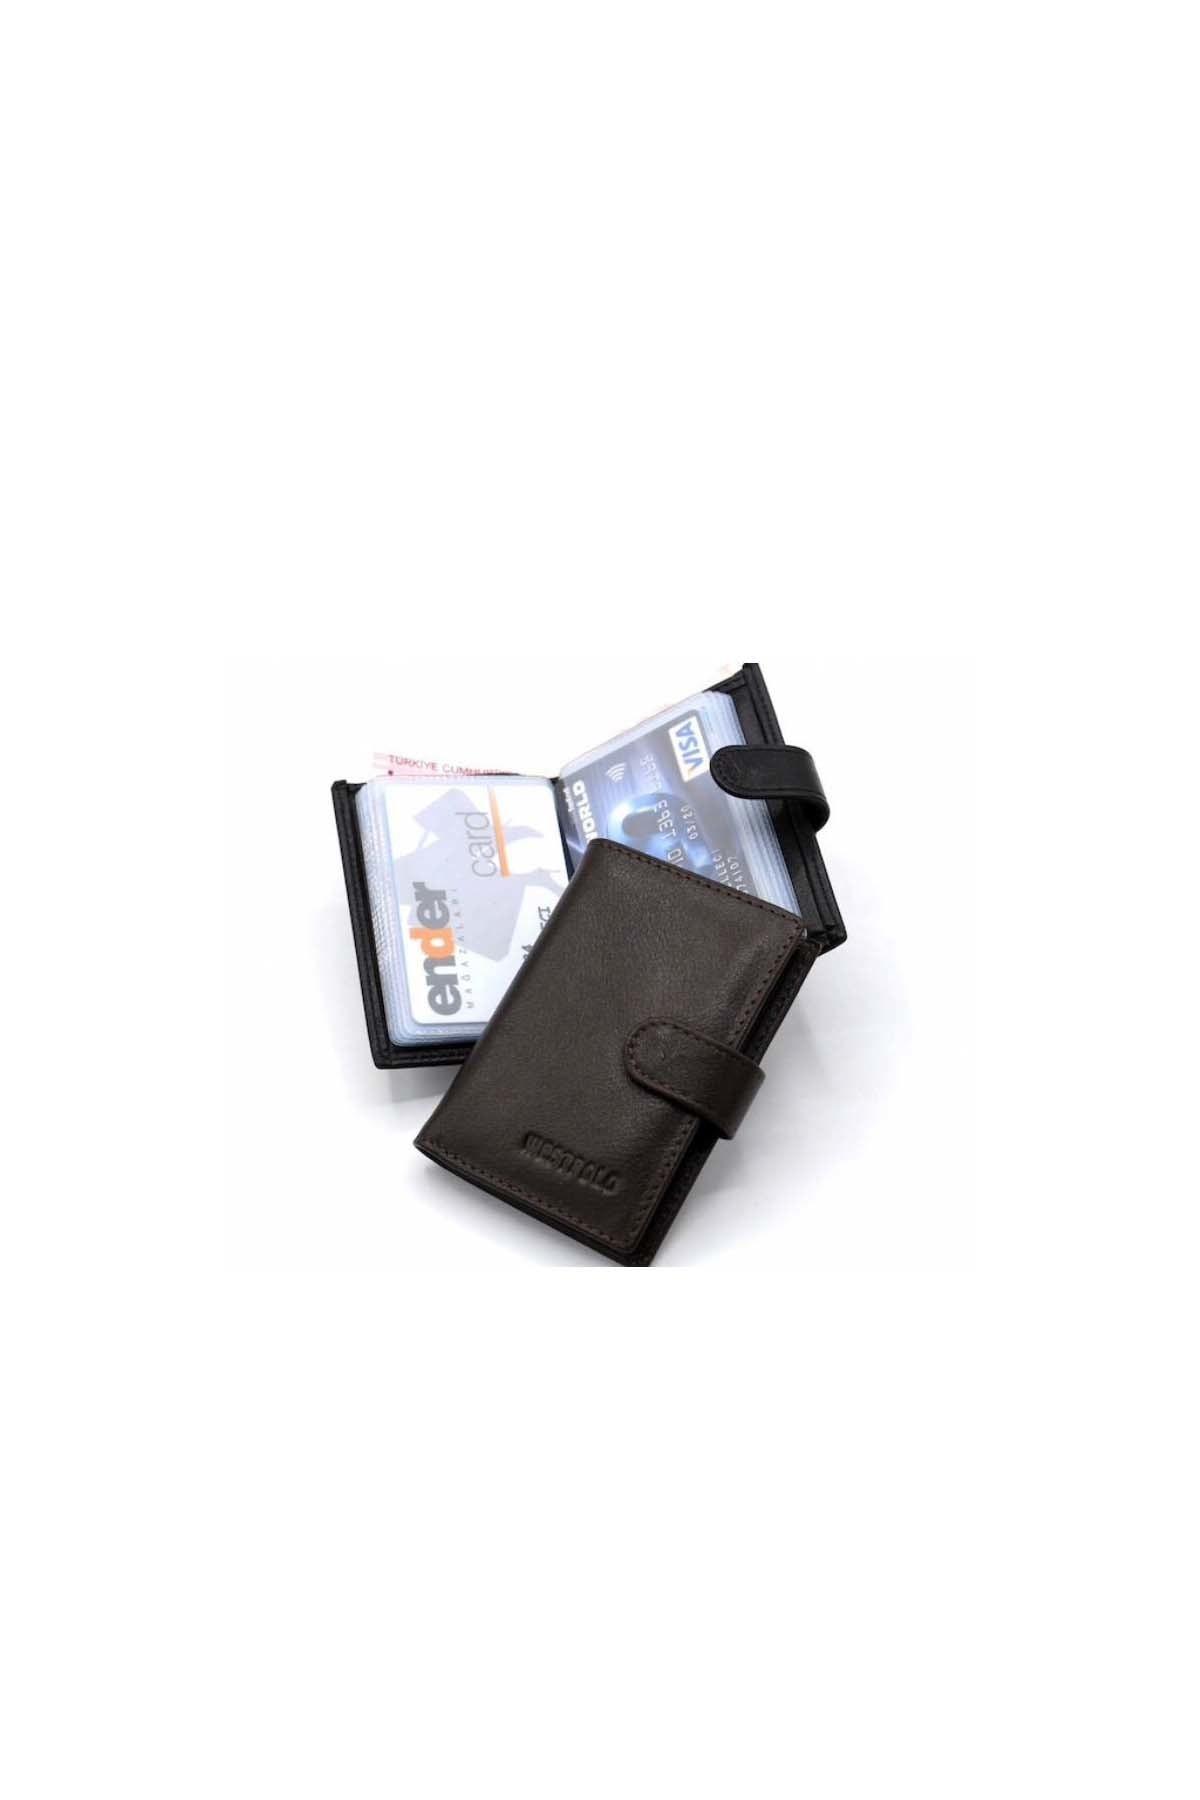 WEST POLO CÜZDAN Kahverengi Erkek Deri Patlı Kağıt Para Gözlü Şeffaf Kartlık WP3068 2